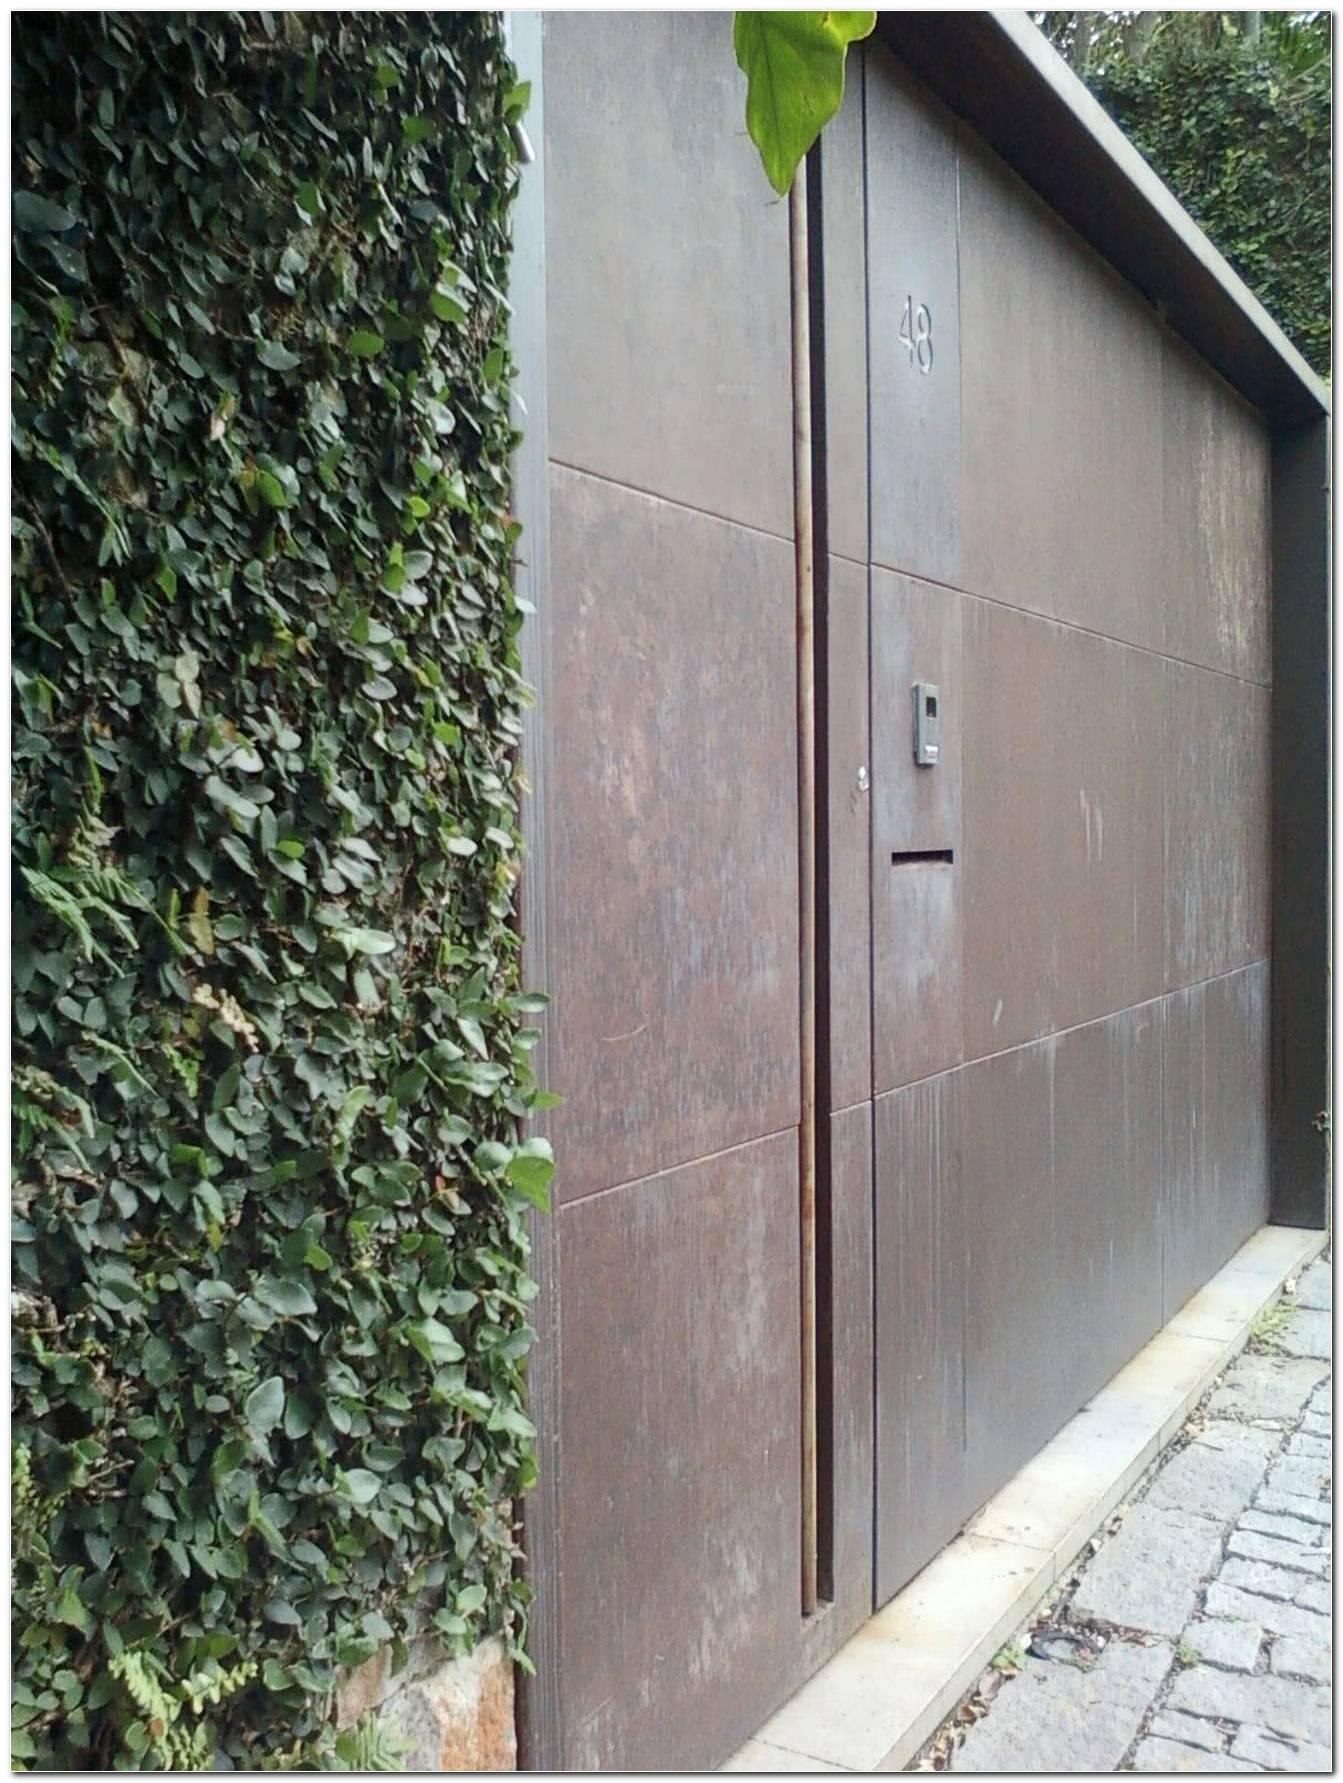 Portão De Ferro Conheça As Principais Características E Aberturas